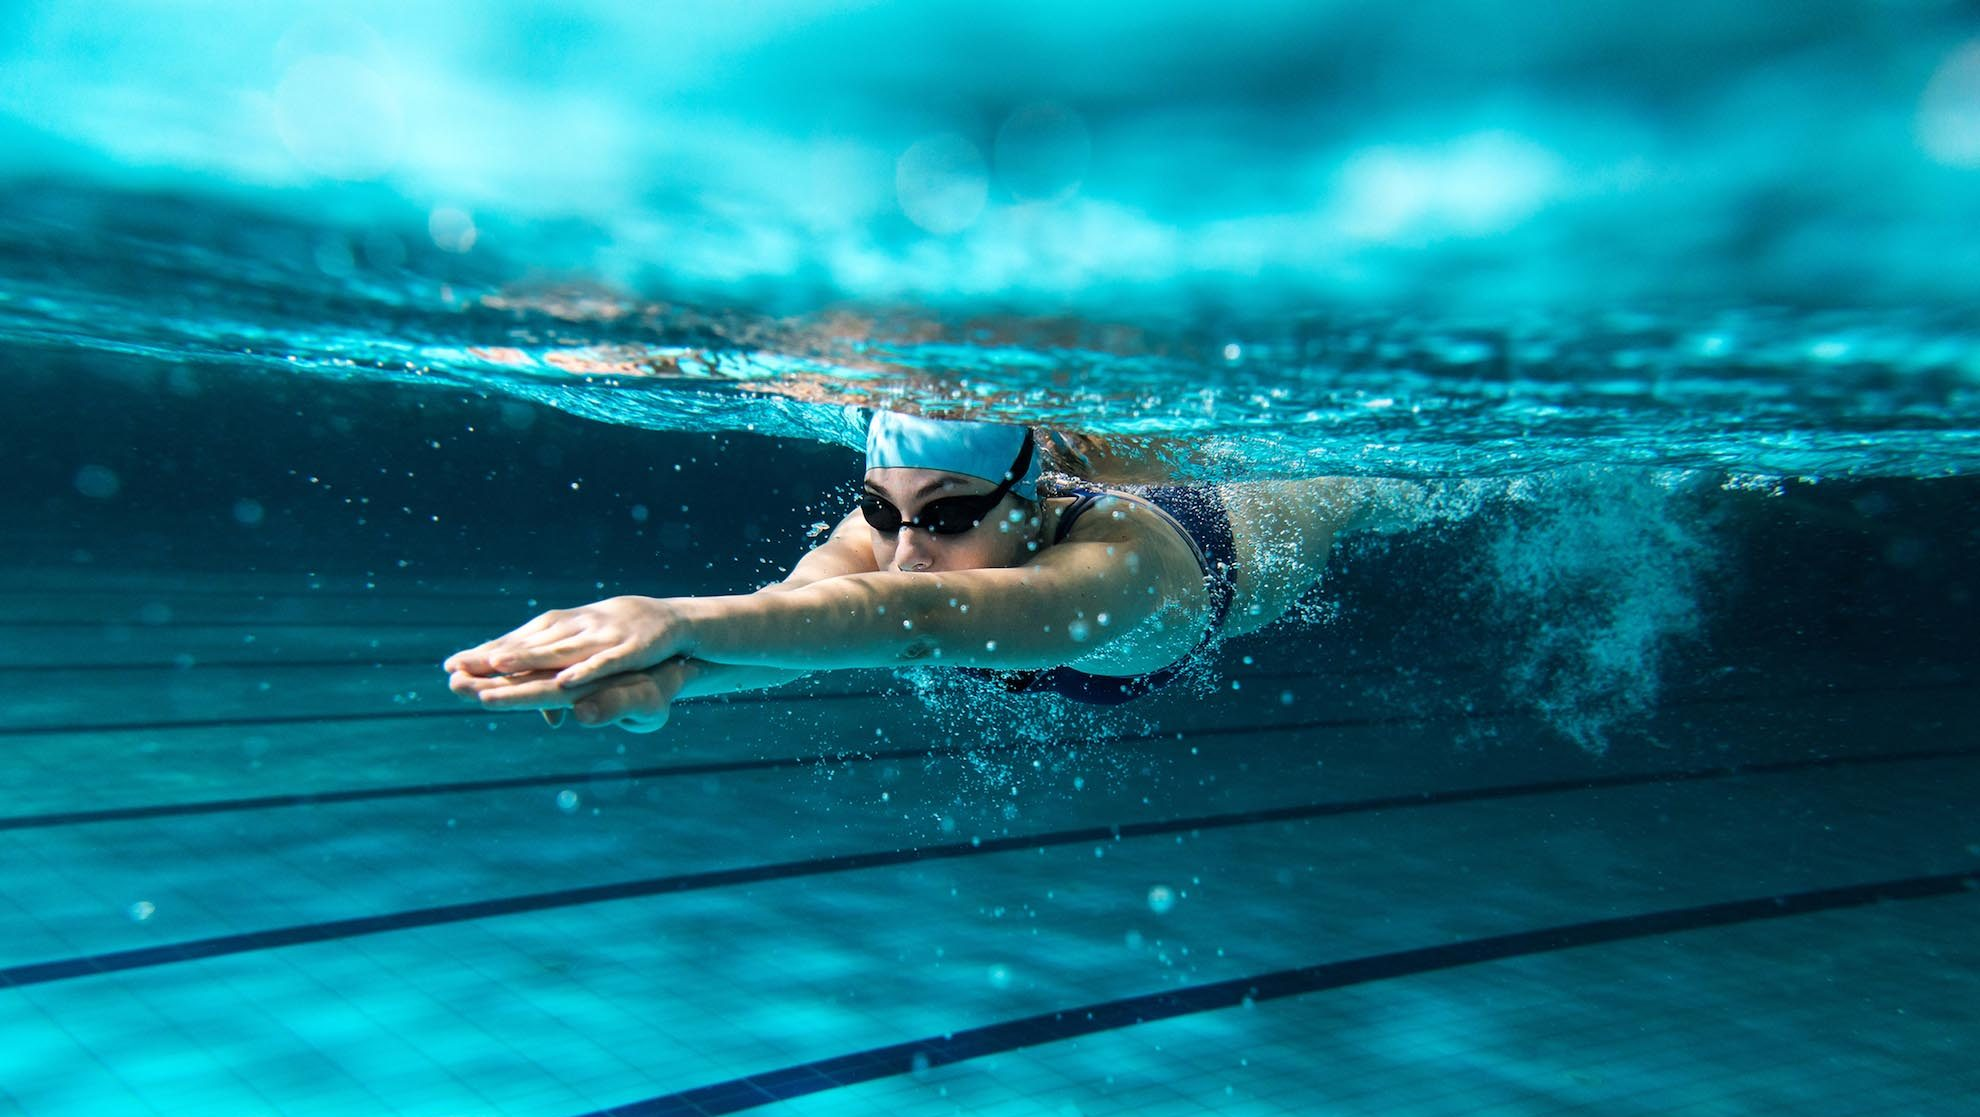 Se-mettre-en-condition-physique-en-natation-et-en--861.jpg